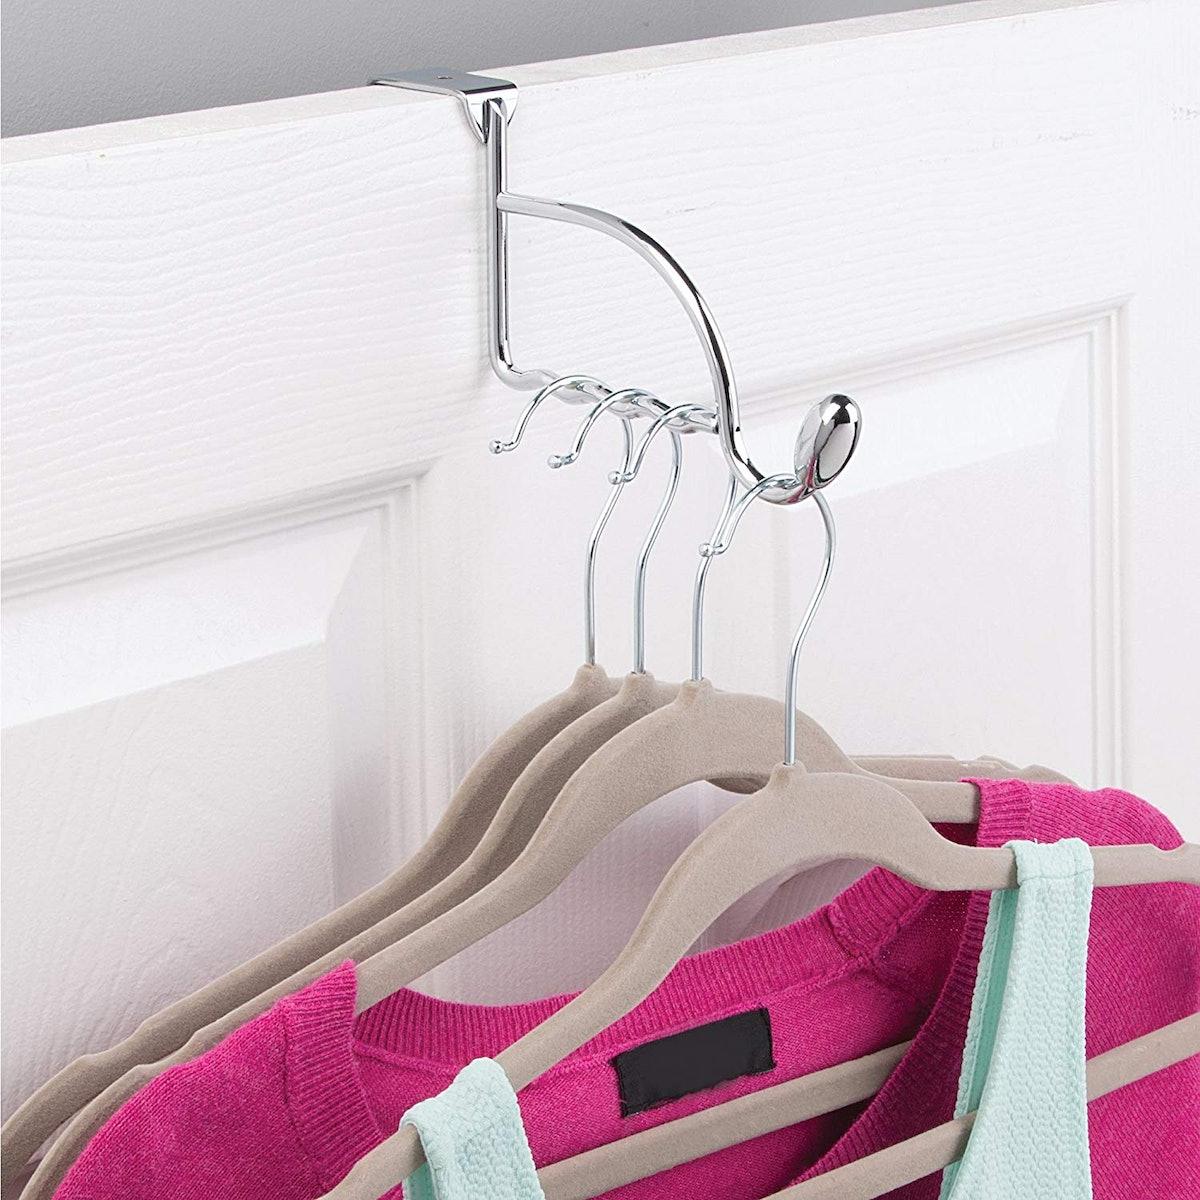 InterDesign Over-the-Door Hook